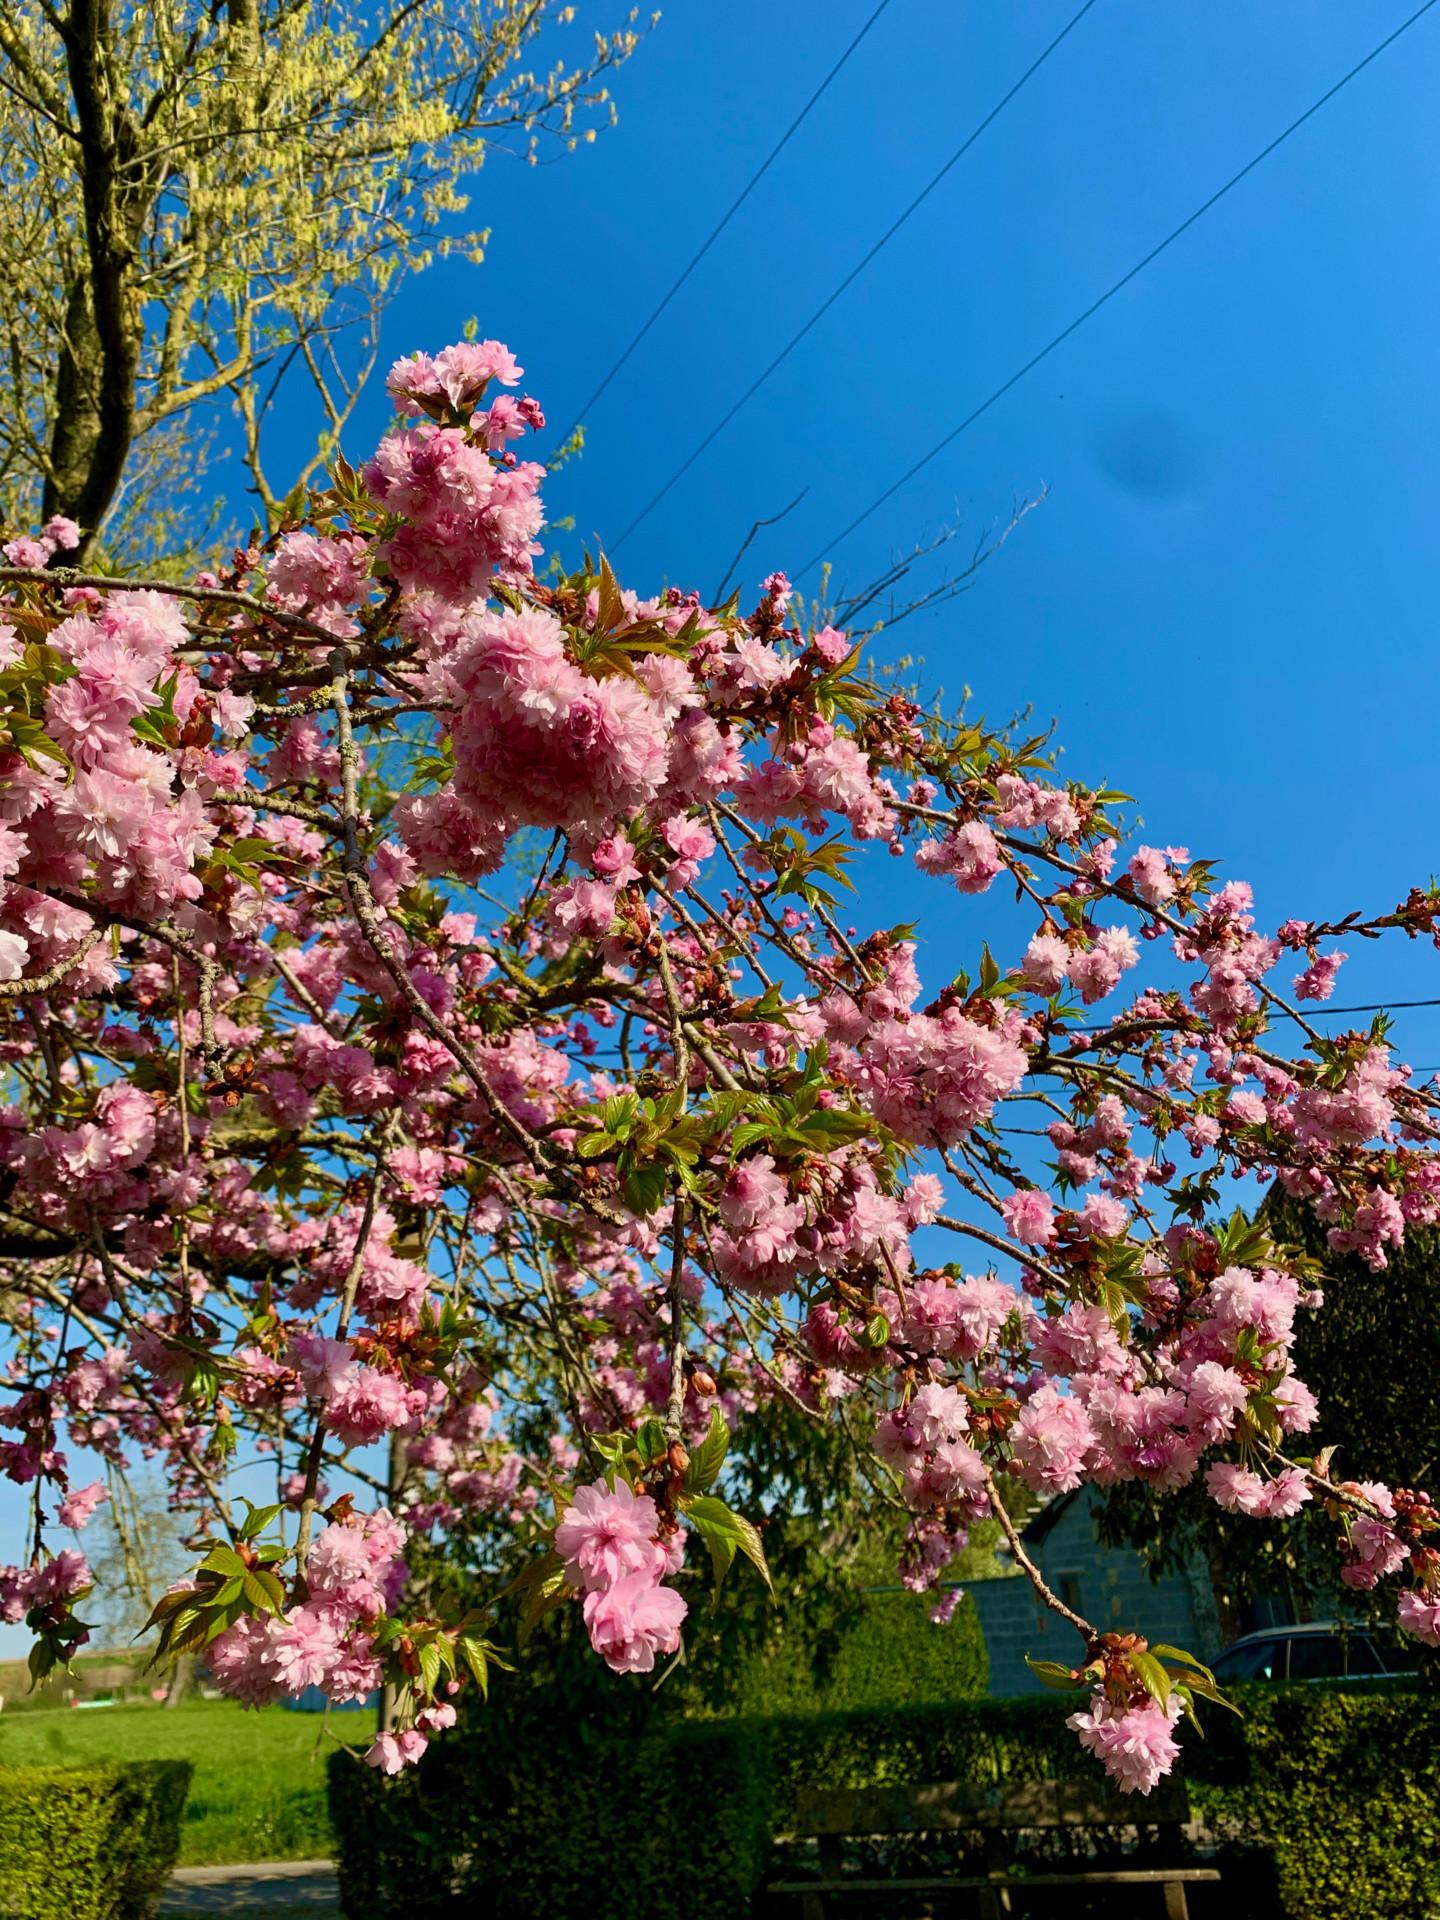 Zoé Valy - Les couleurs du printemps